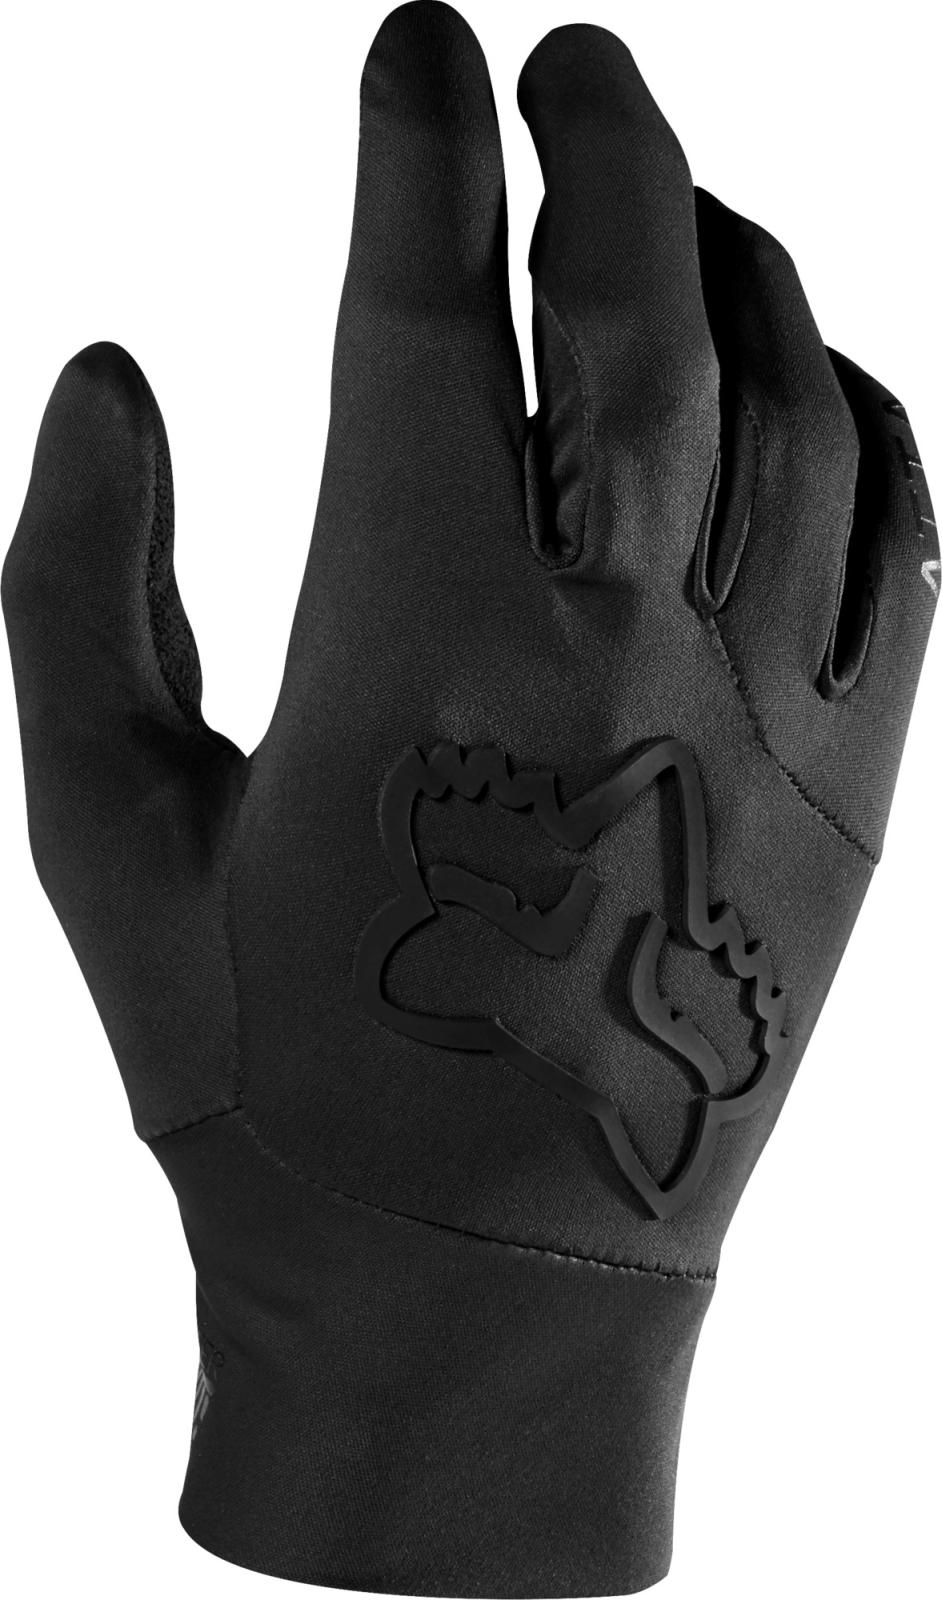 Fox Attack Water Glove - black/black XL